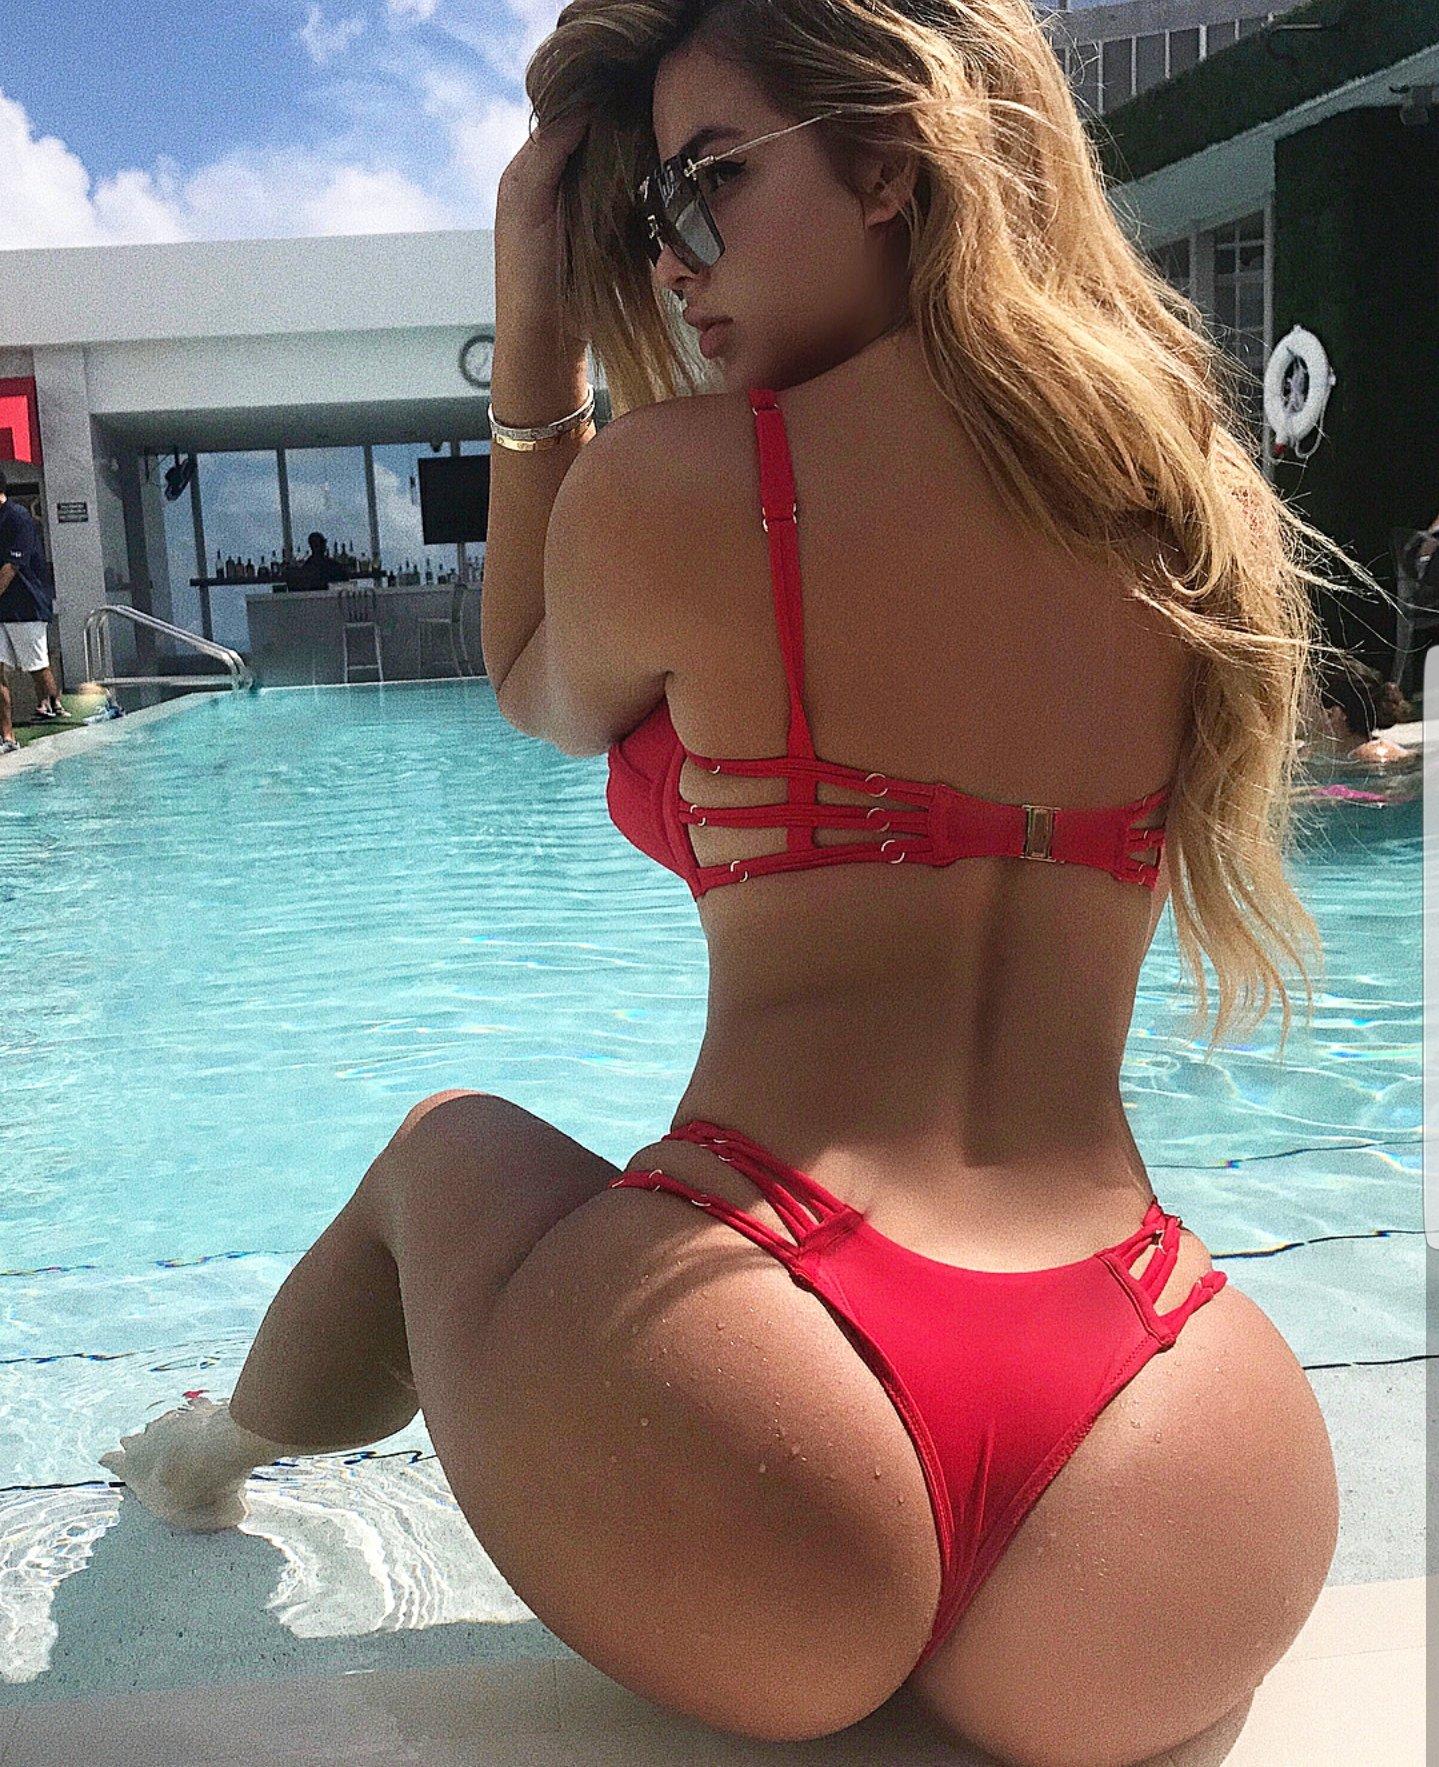 Porn ass best Ass: 310,889